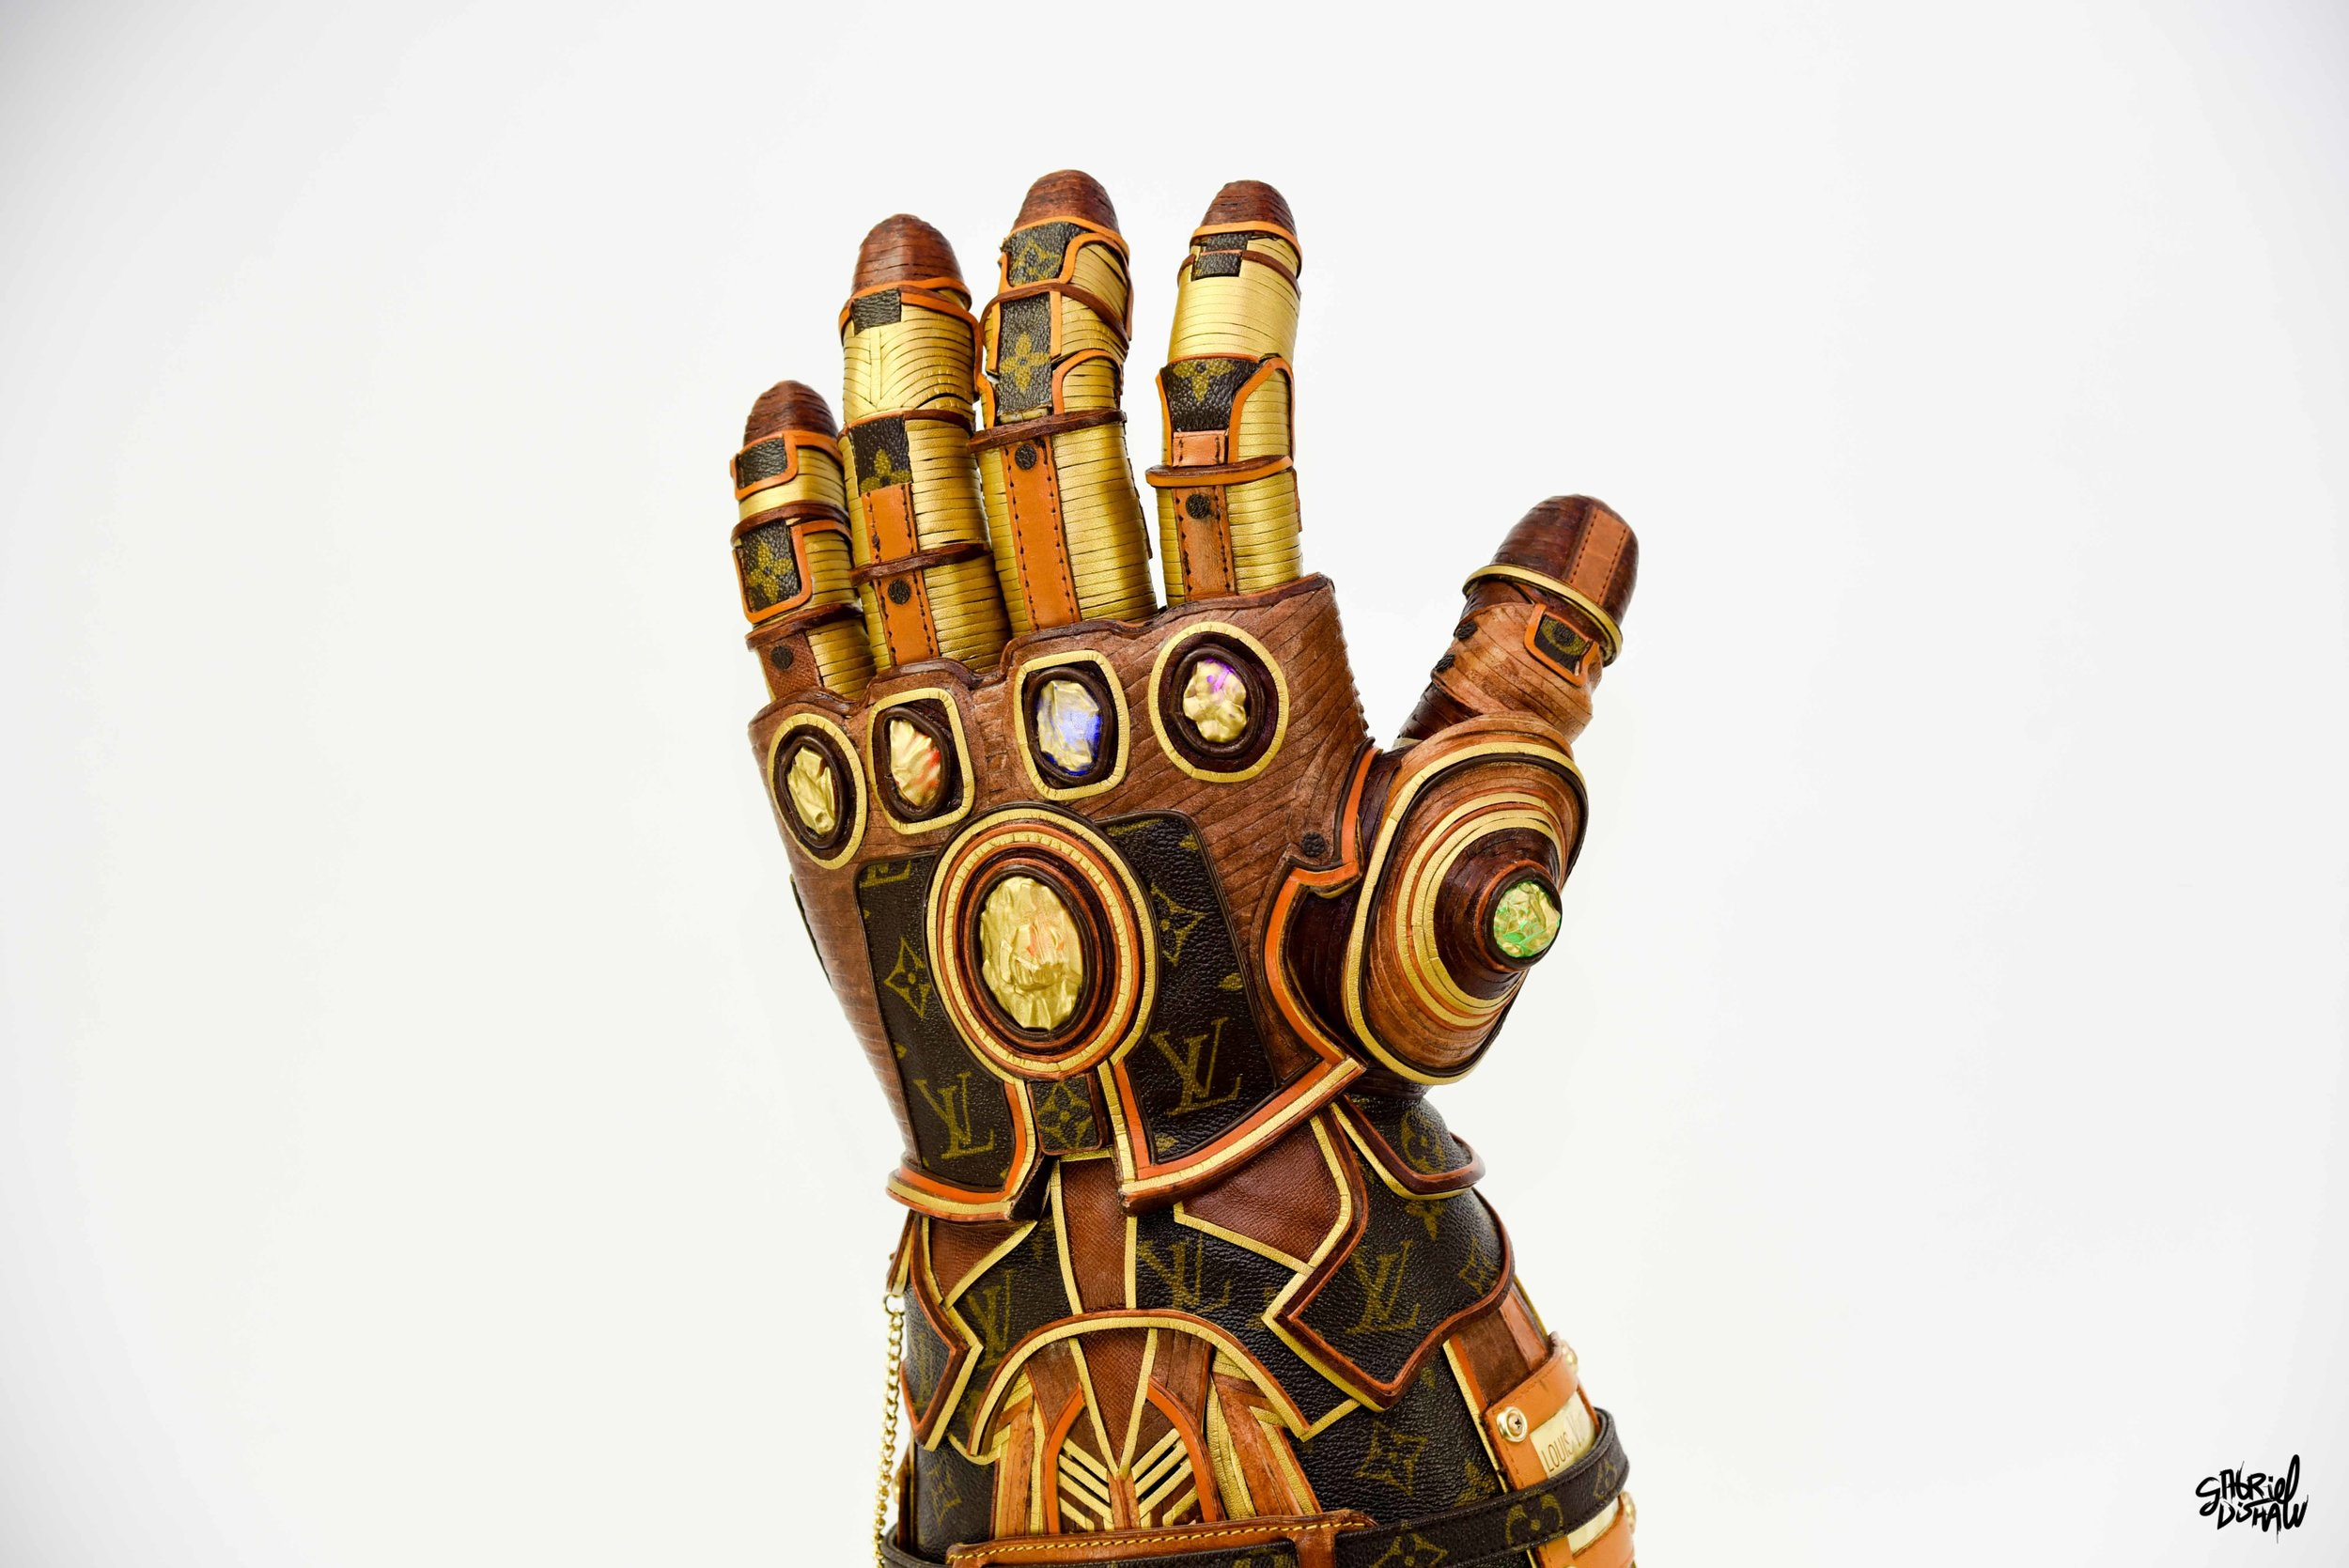 Gabriel Dishaw Infinity Gauntlet LV-9130.jpg